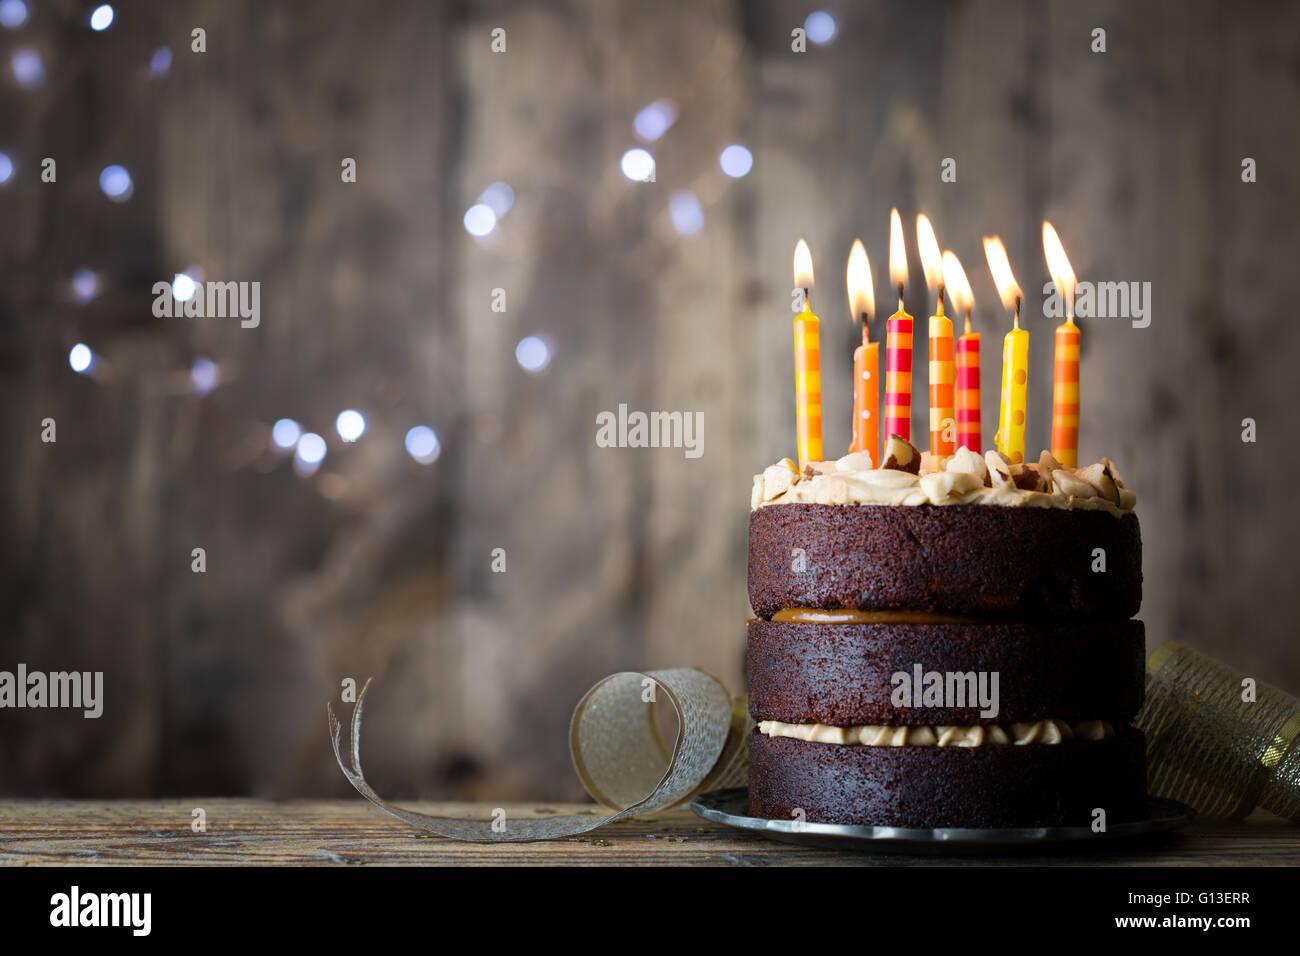 Chocolate Birthday Cake Stock Photos Chocolate Birthday Cake Stock